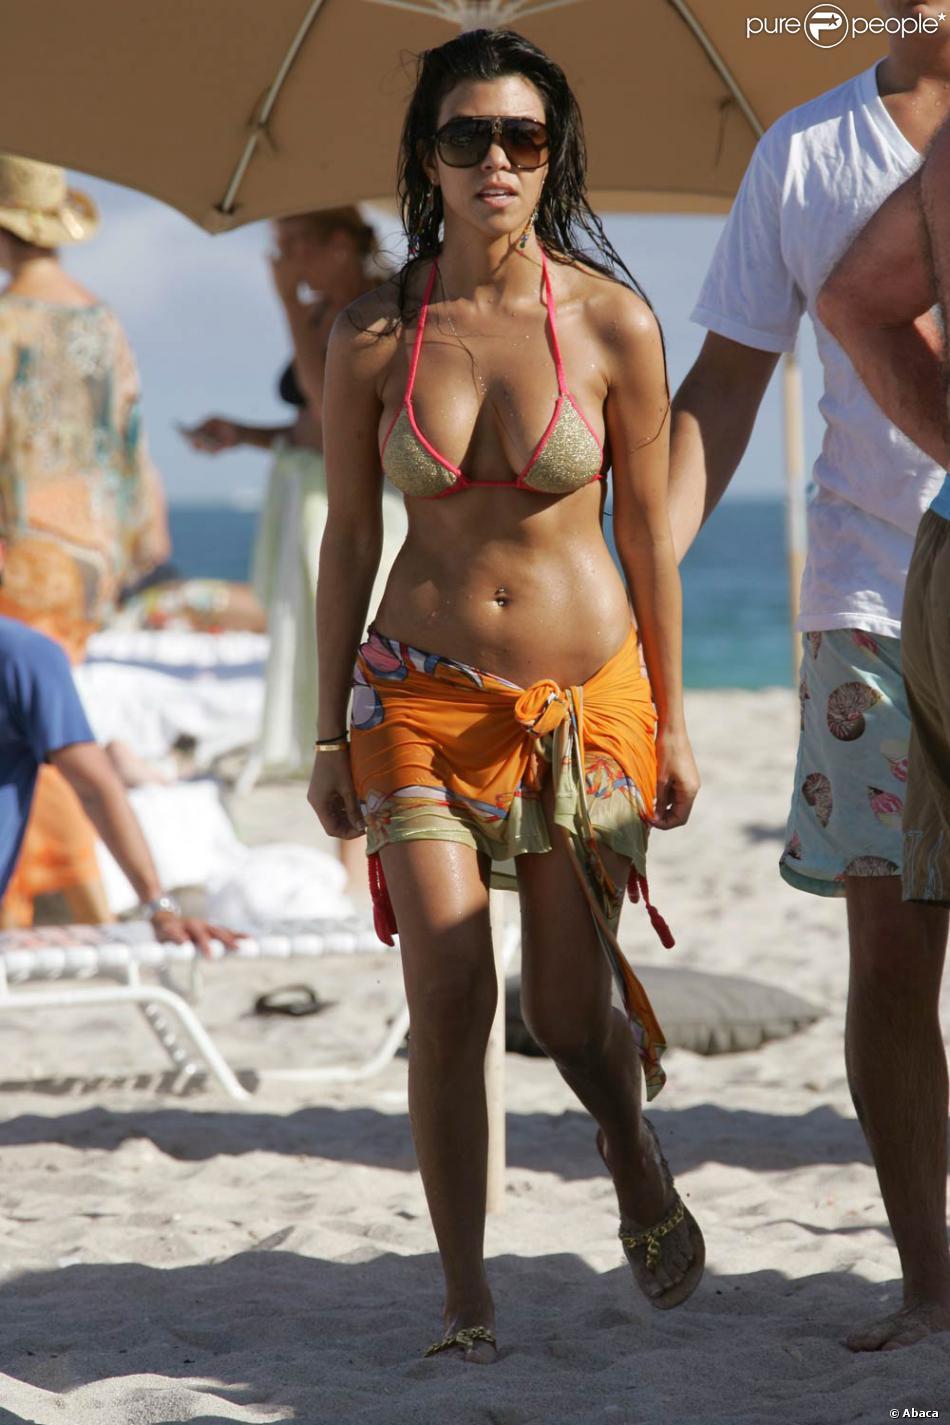 Kourteney Kardashian La Soeur De Kim Malgr 233 Un Maillot De Bain Trop Petit Elle Sait Qu Avec